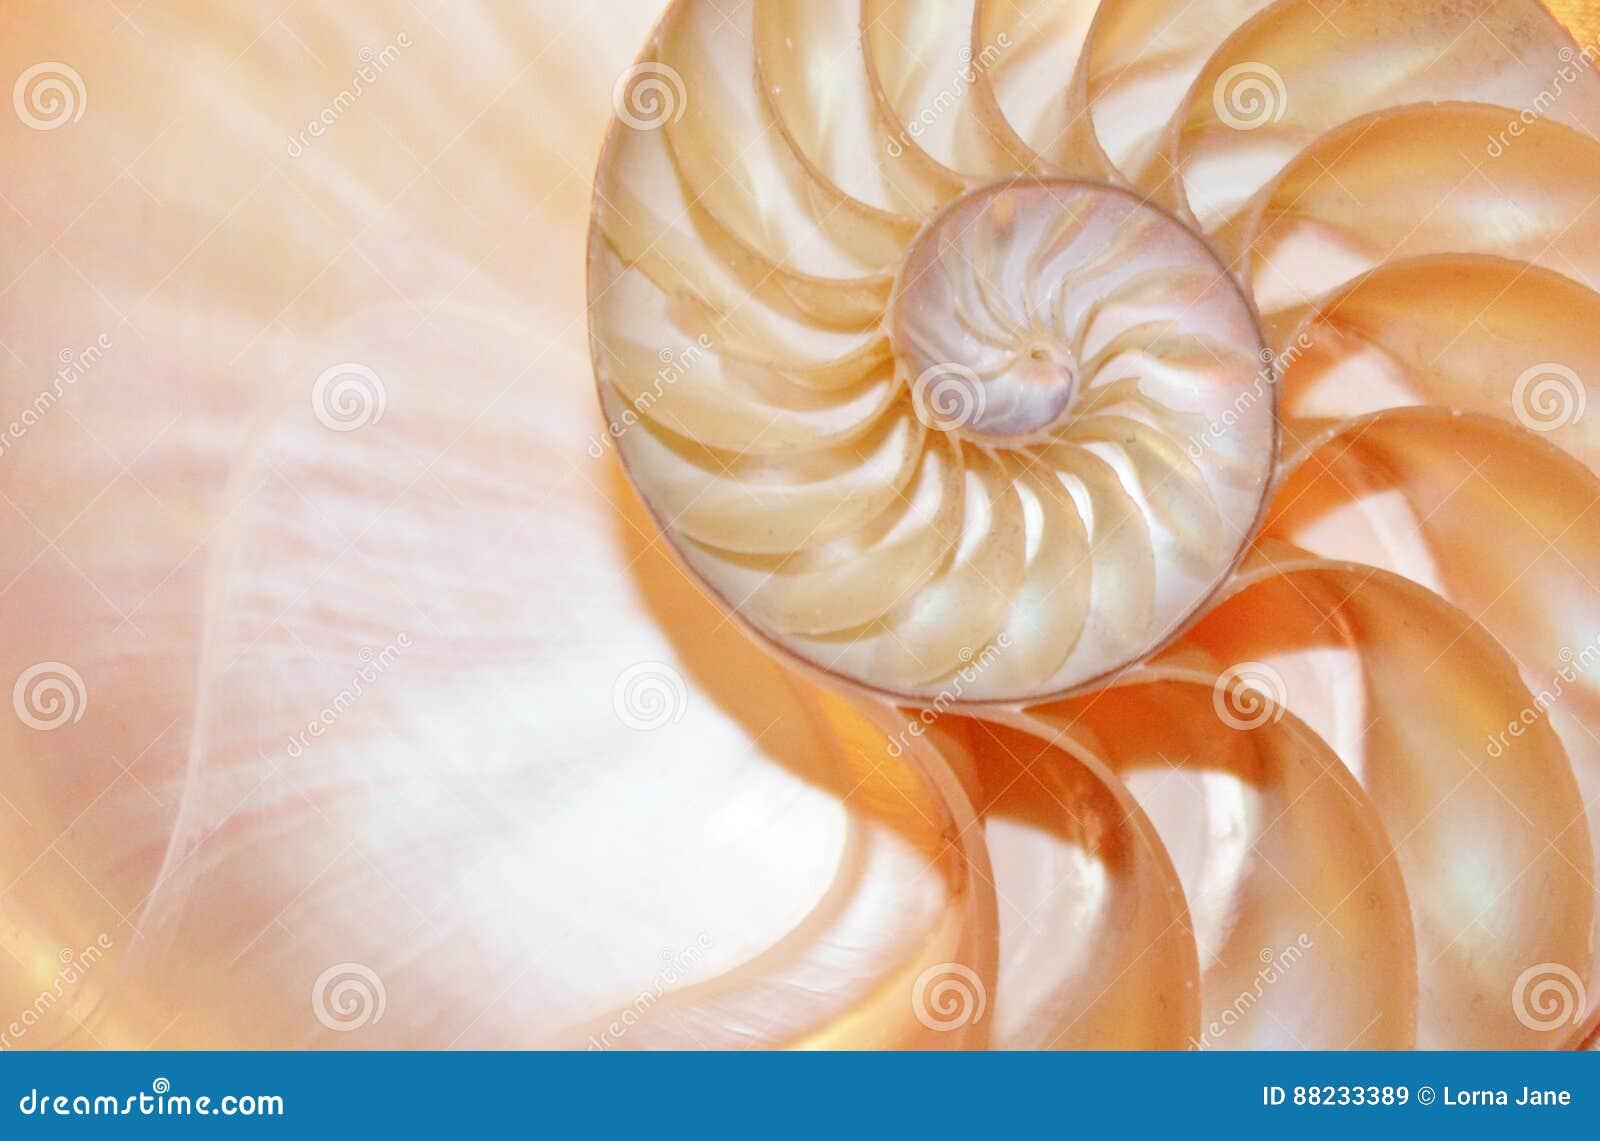 Nautilusshell van de de symmetriedwarsdoorsnede van Fibonacci van de de structuurgroei de spiraalvormige gouden verhouding